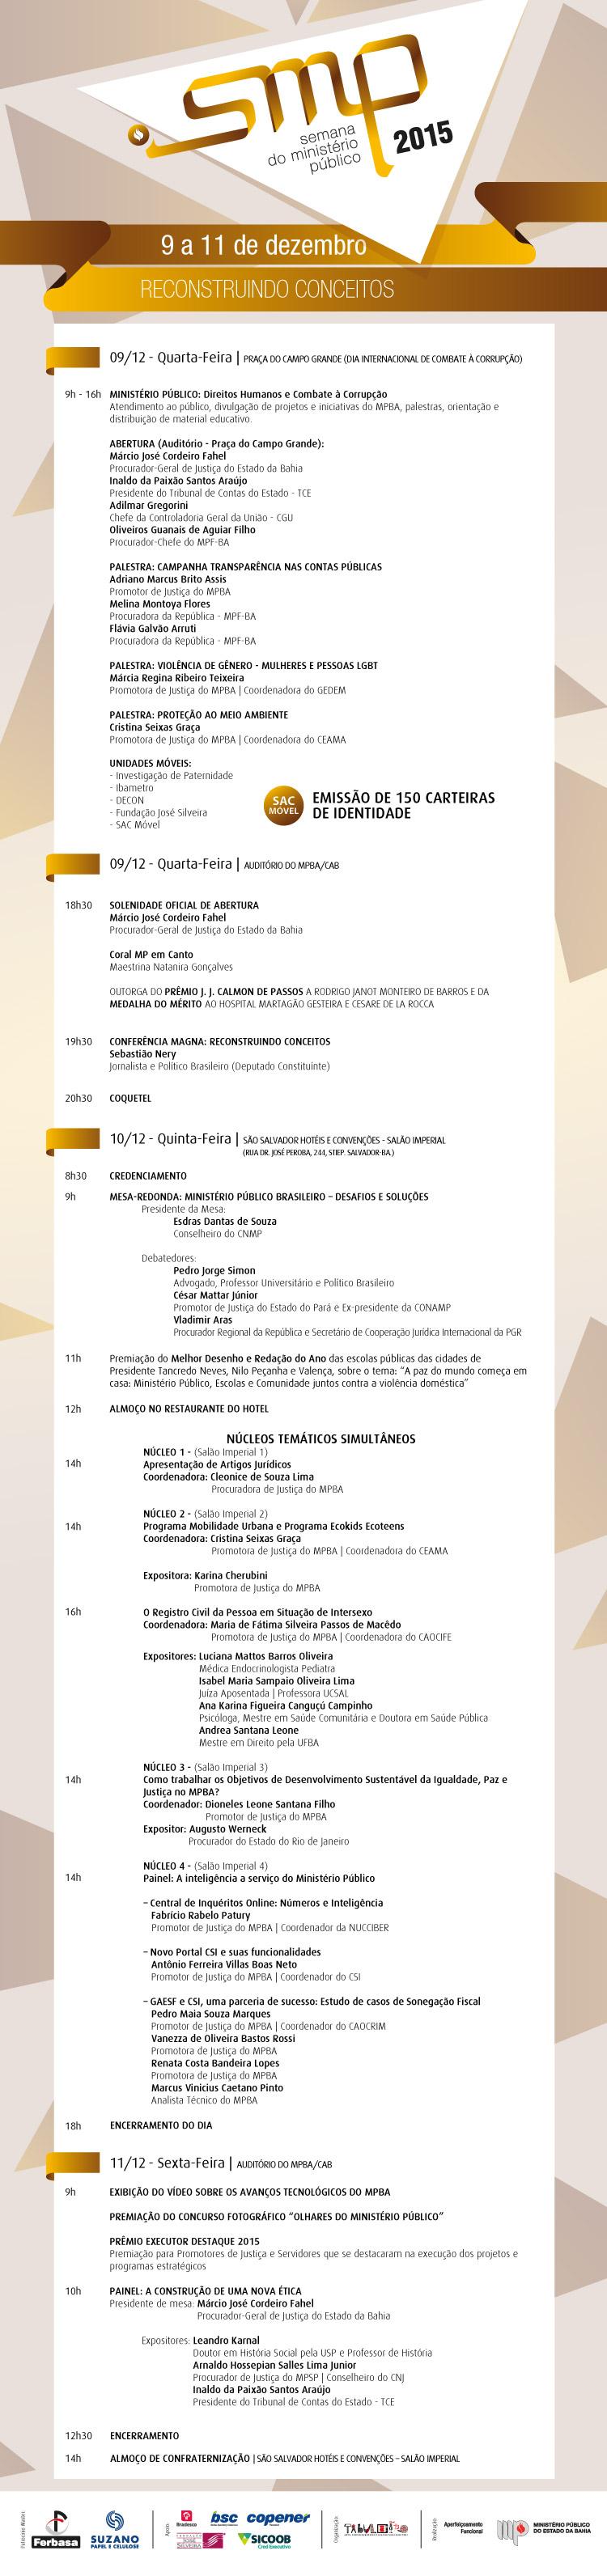 SMP_2015_Programacao-NOV.2015